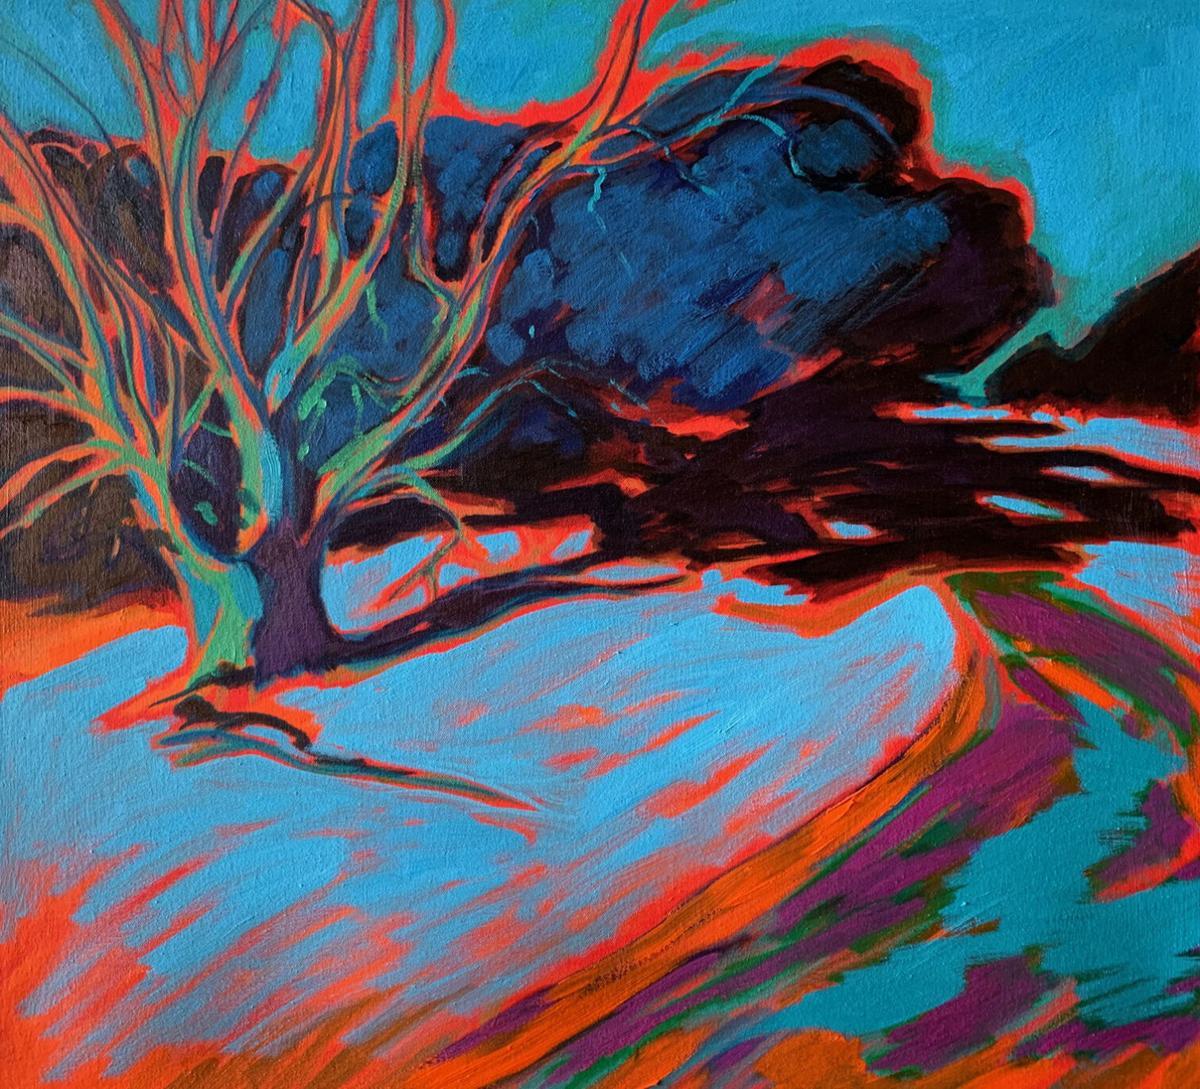 Work by artist Elizabeth Payne